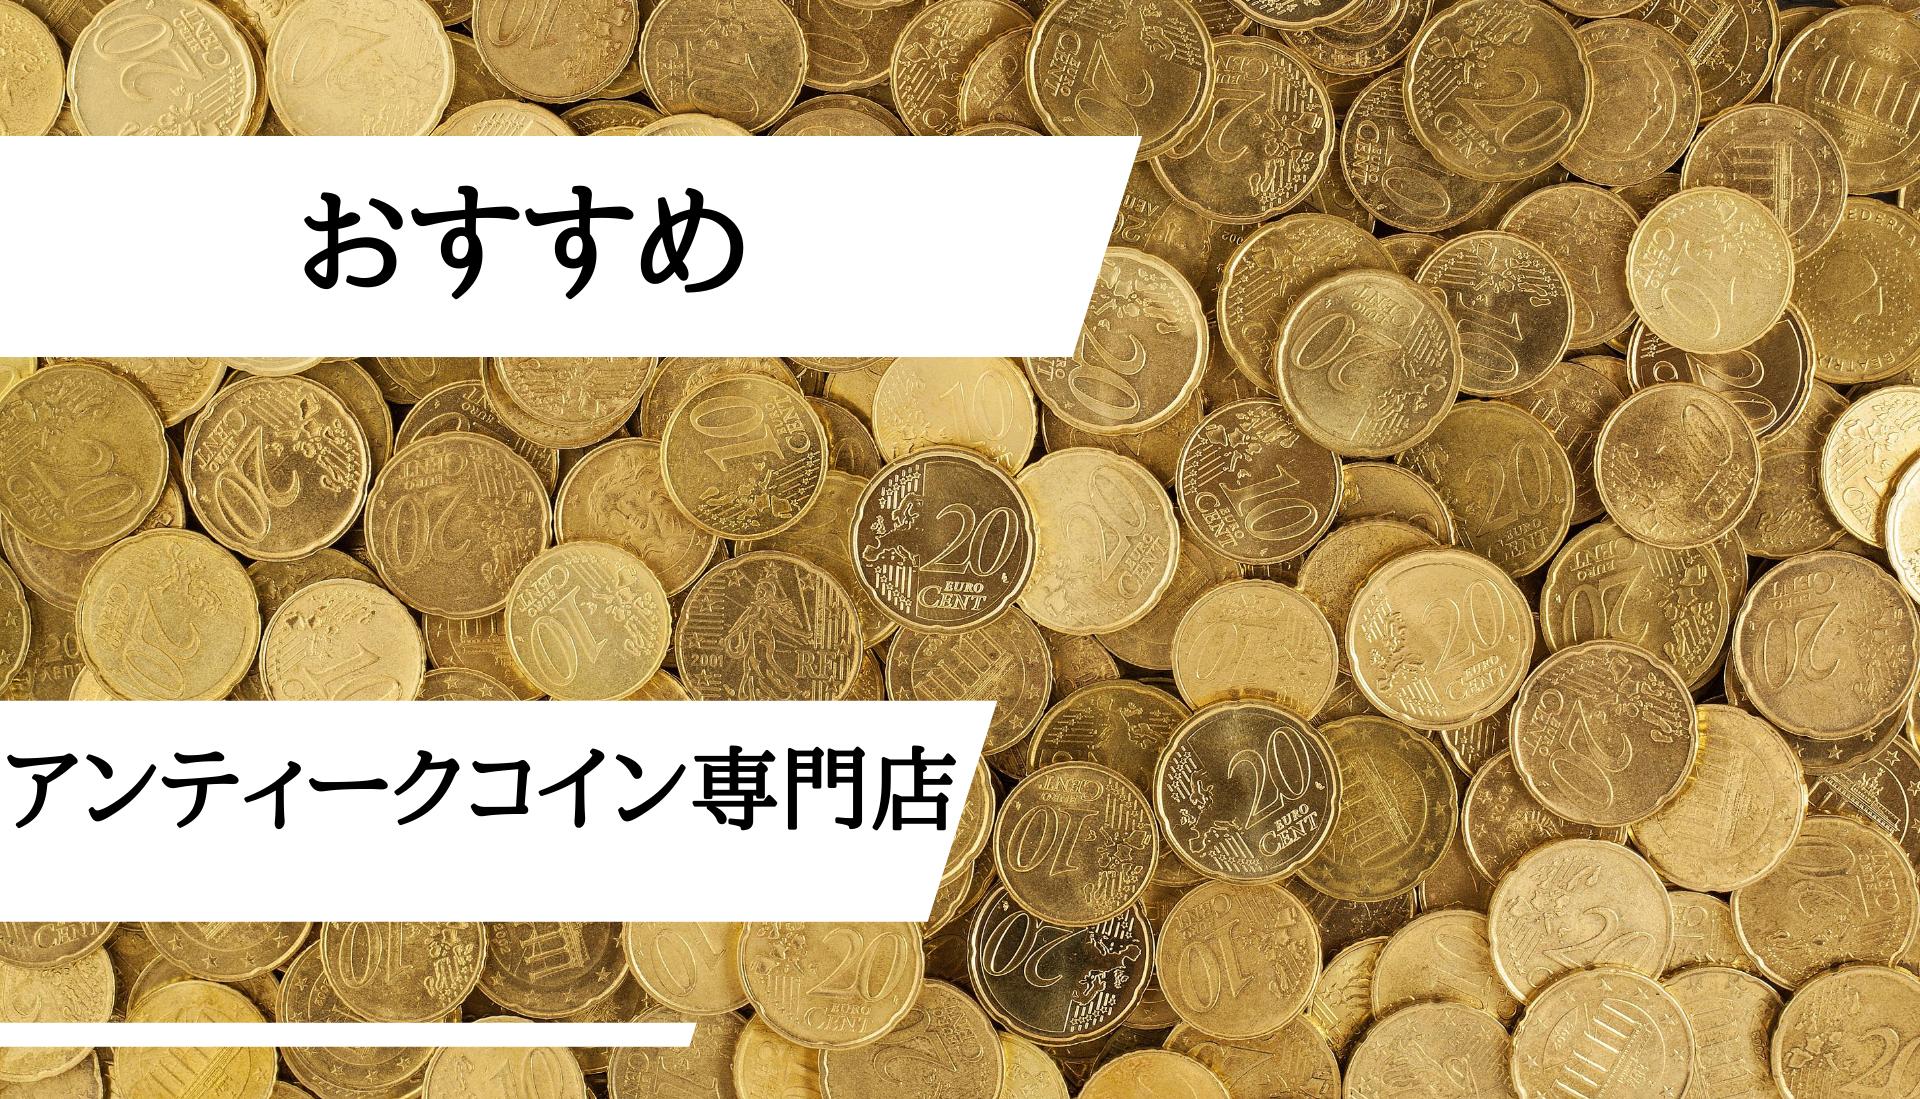 ユニバーサルコイン評判_アンティークコイン専門店